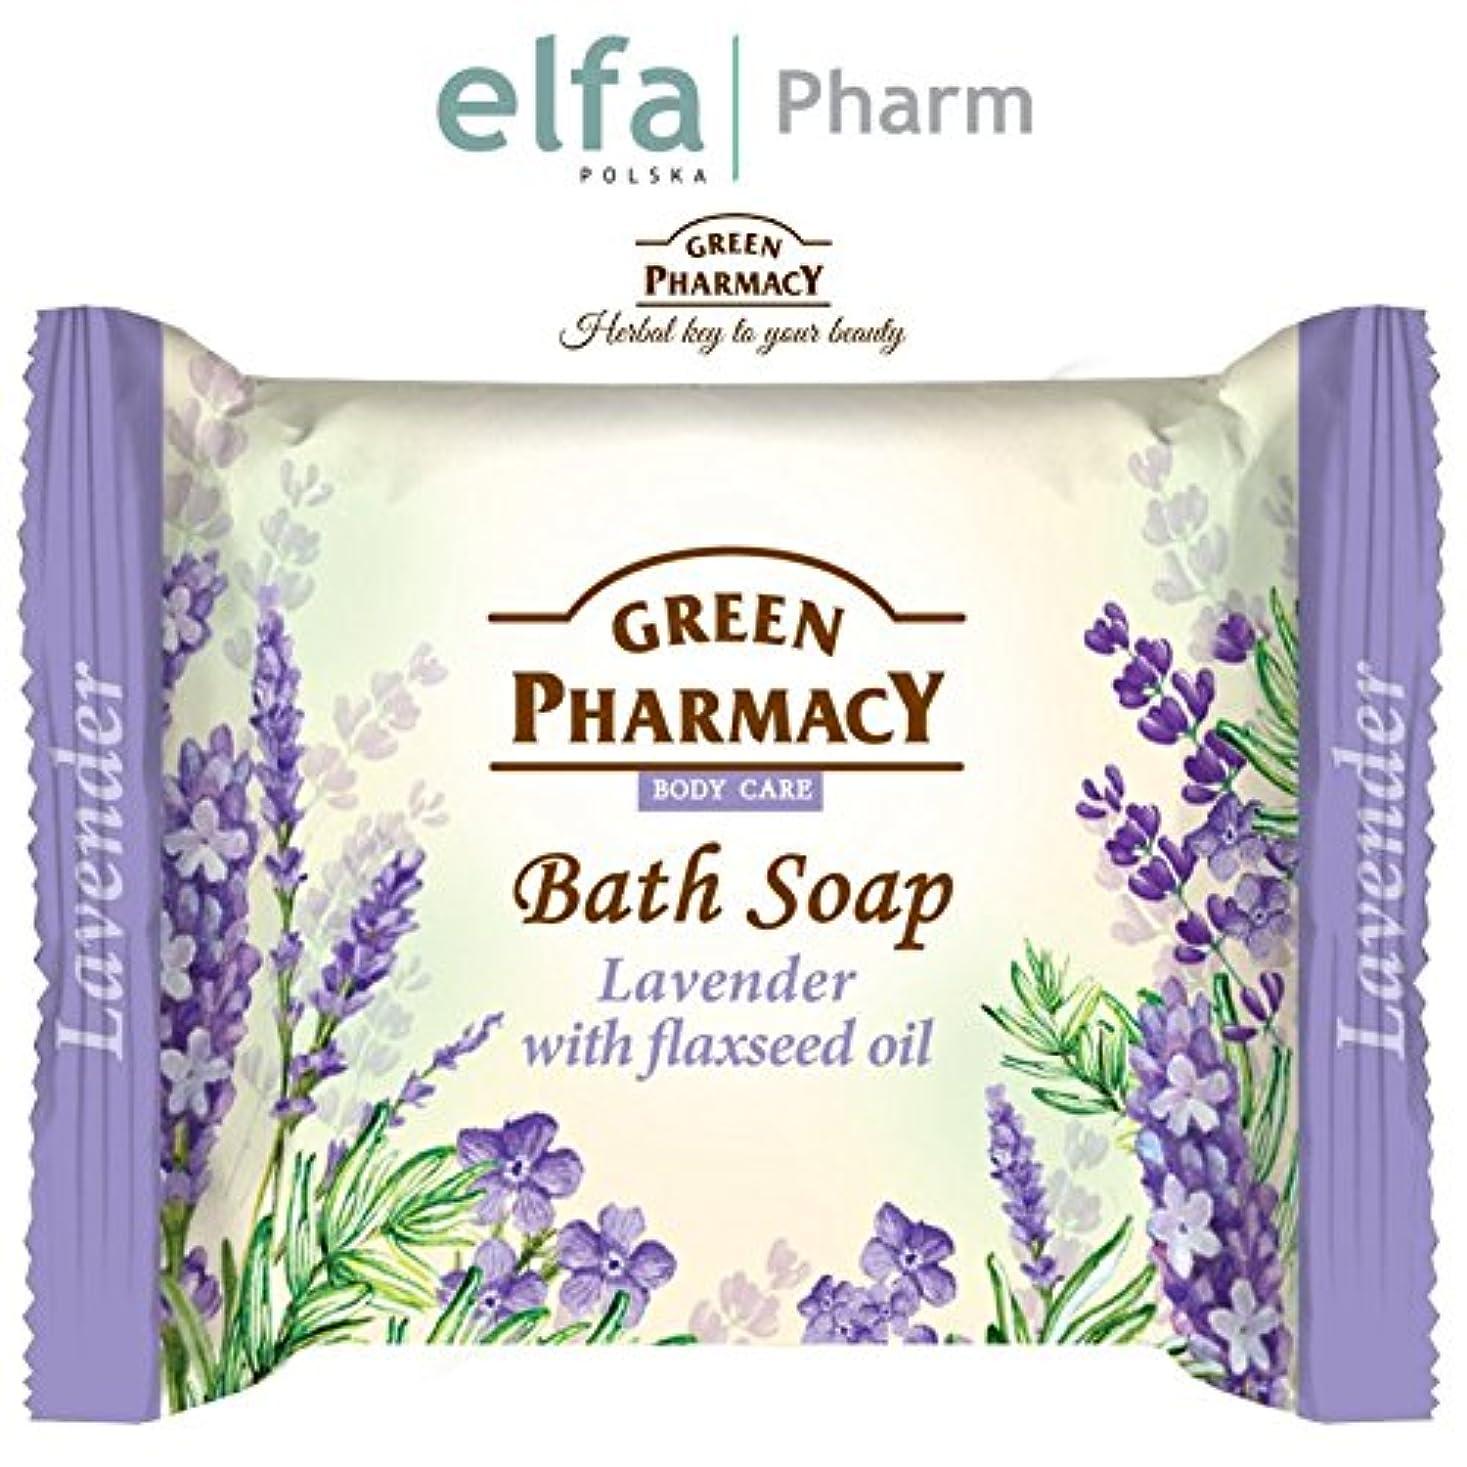 ポケットカール判読できない石鹸 固形 安心?安全 古代からのハーブの知識を生かして作られた固形せっけん ポーランドのグリーンファーマシー elfa Pharm Green Pharmacy Bath Soap Lavender with Flaxseed...